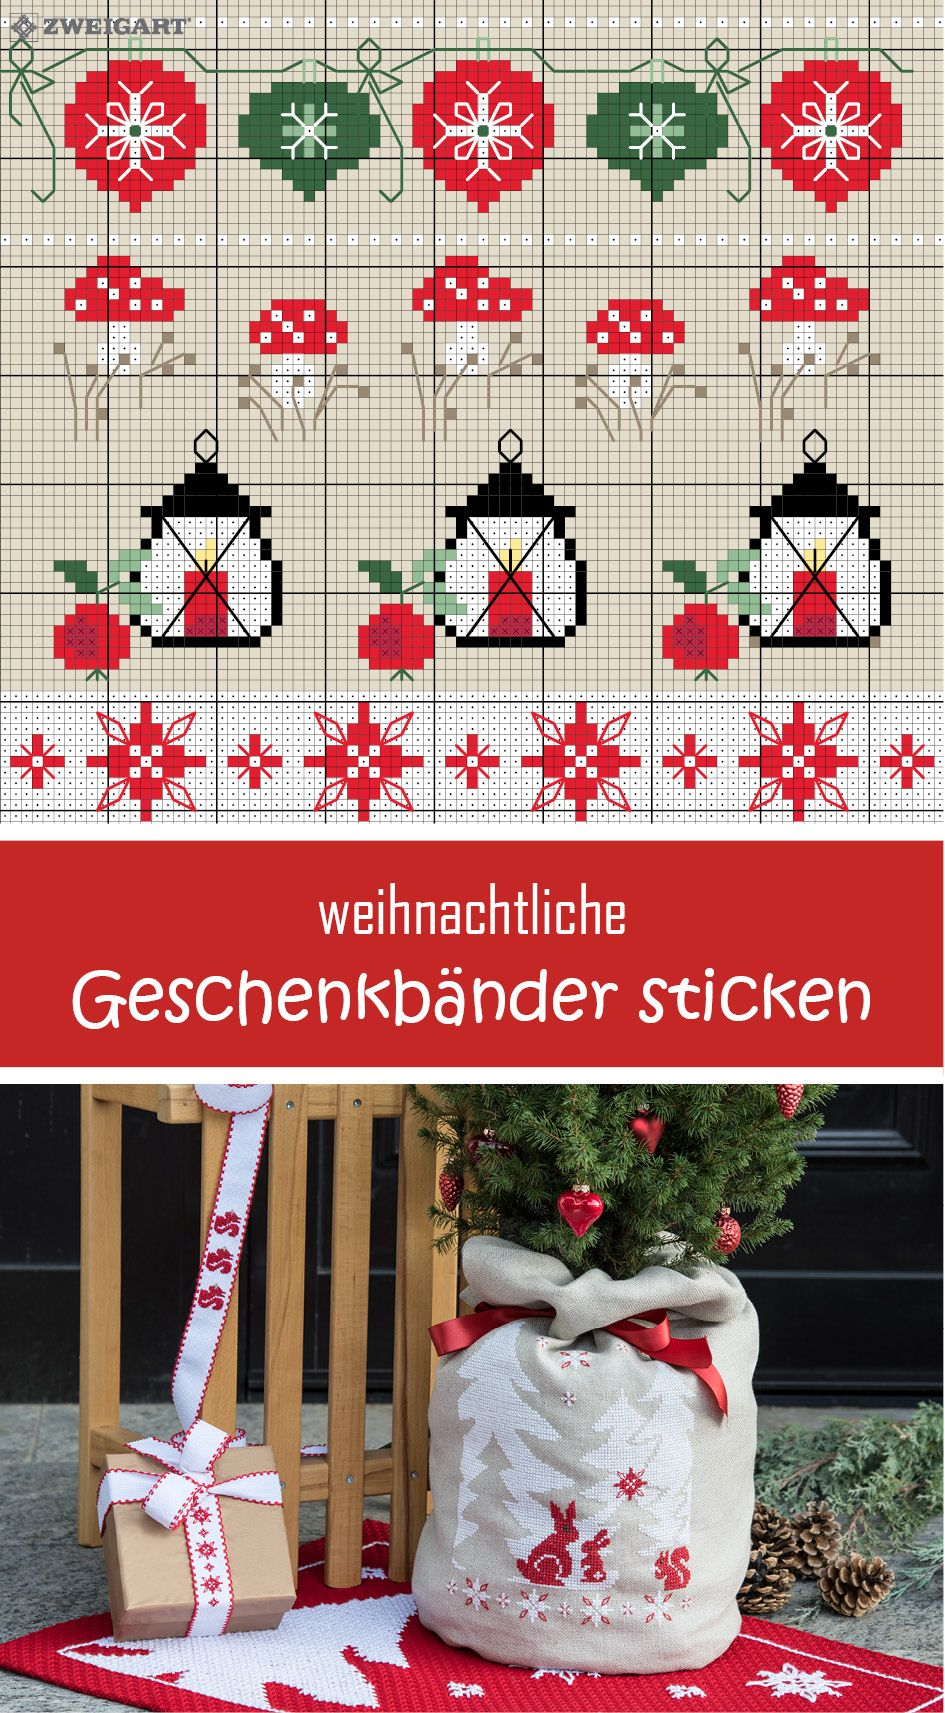 Weihnachtliche Geschenkbänder sticken - Entdecke zahlreiche ...